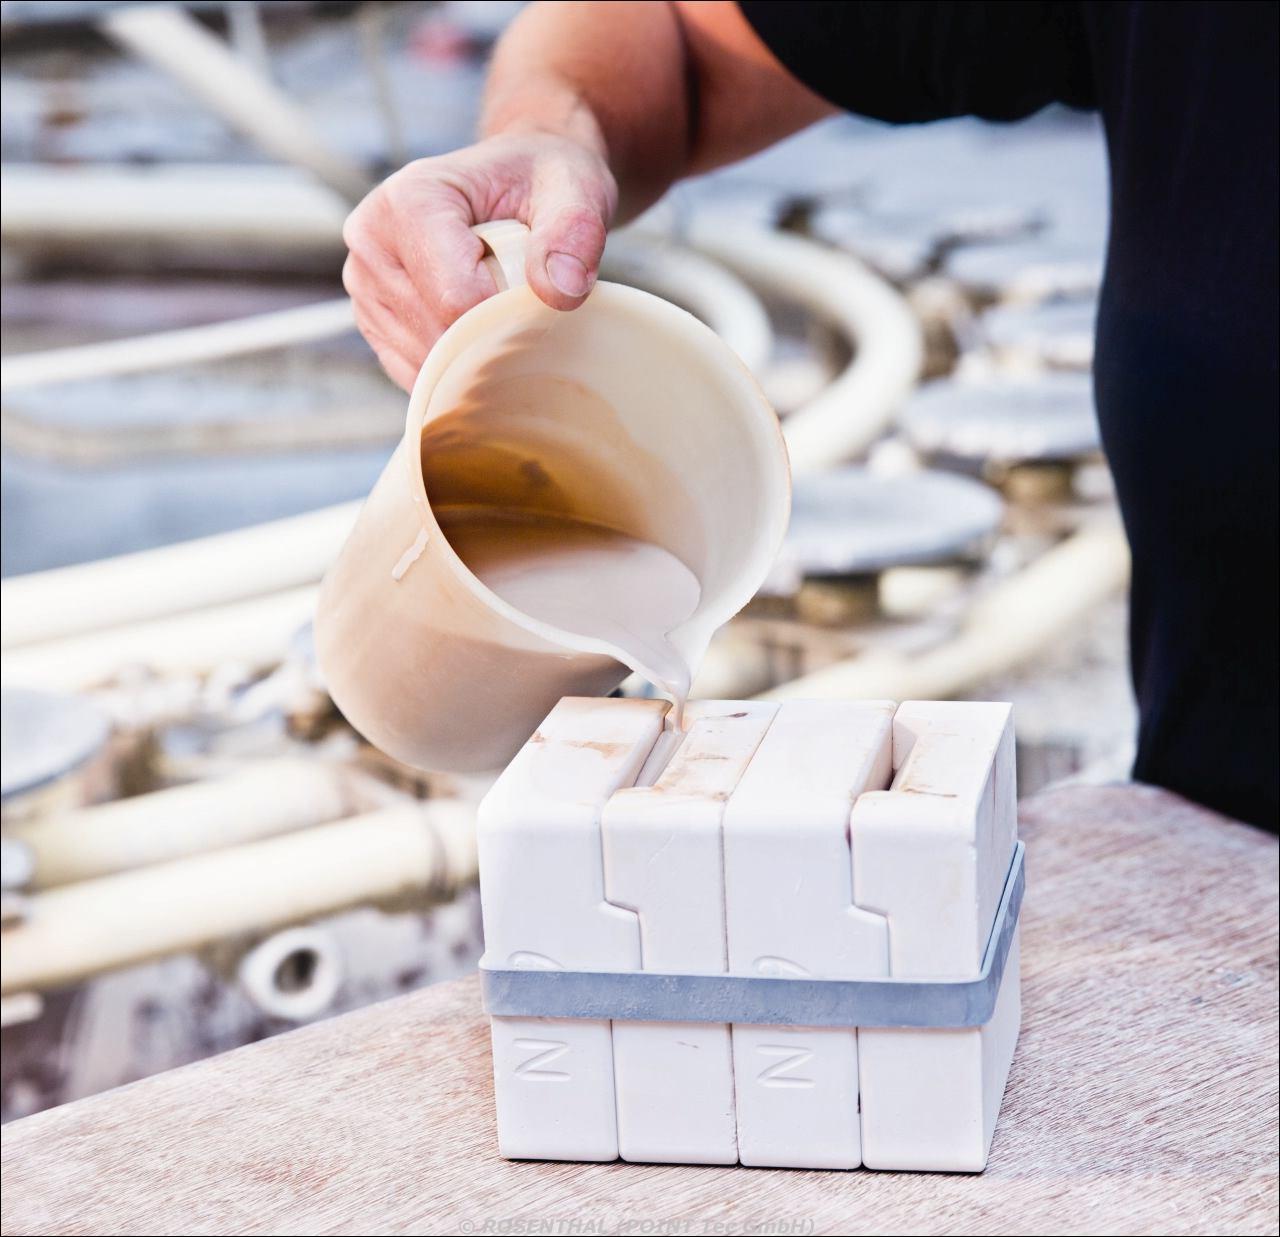 Gießen der Porzellanzifferblätter (Einfüllen)